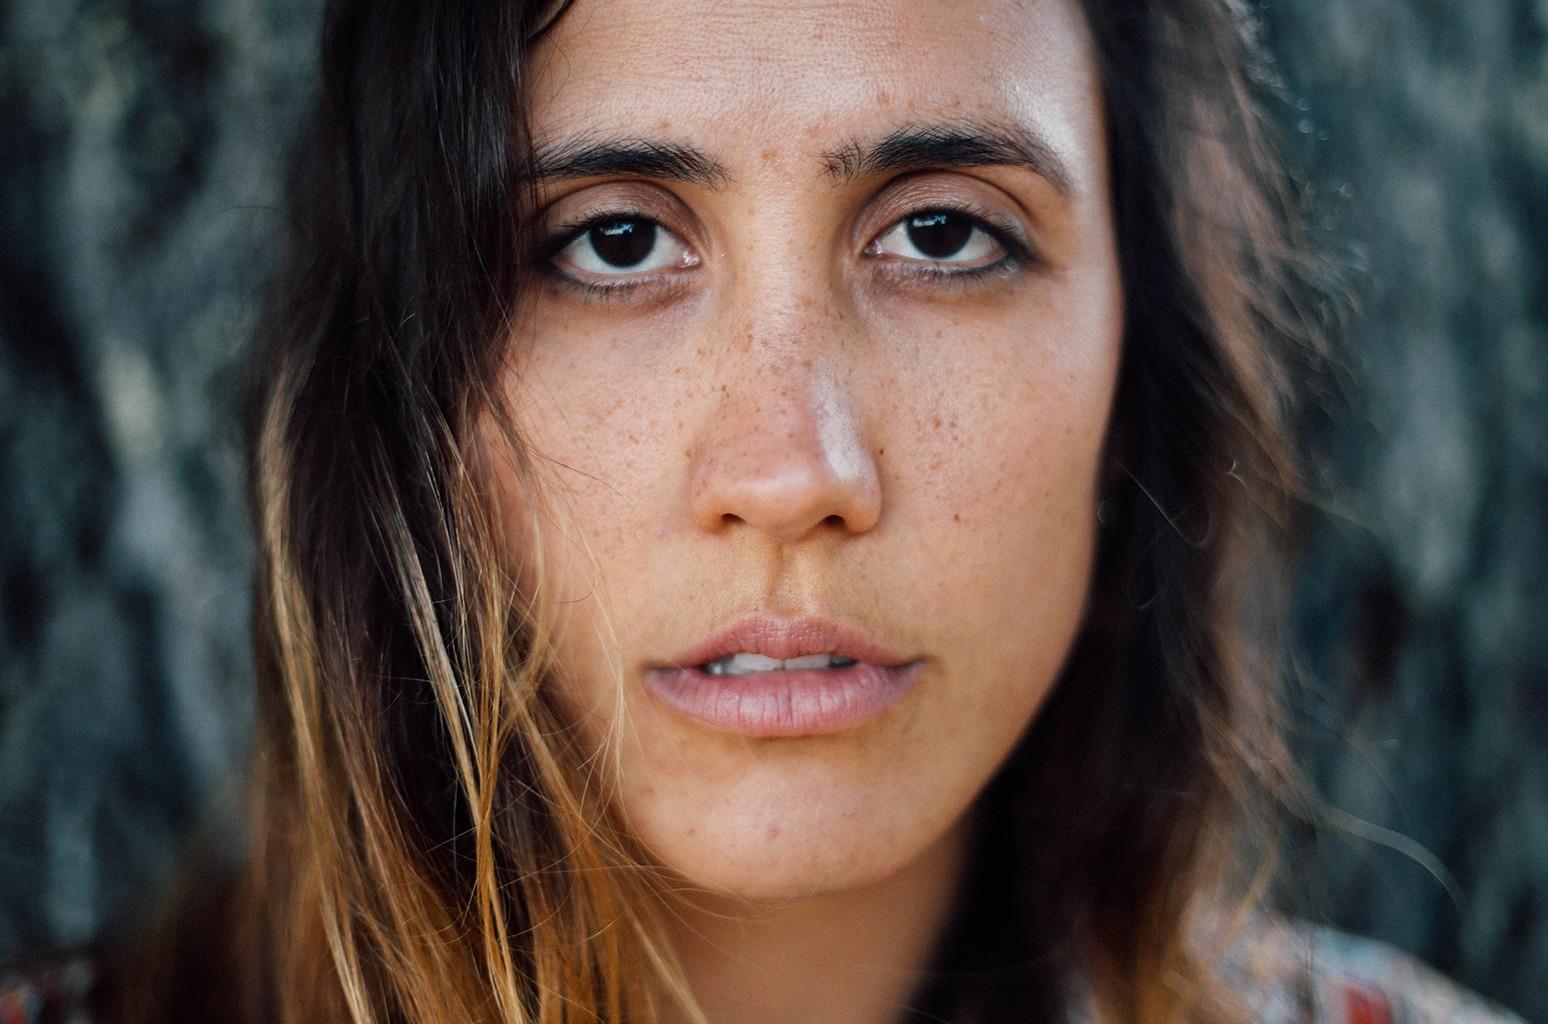 Megan Keely